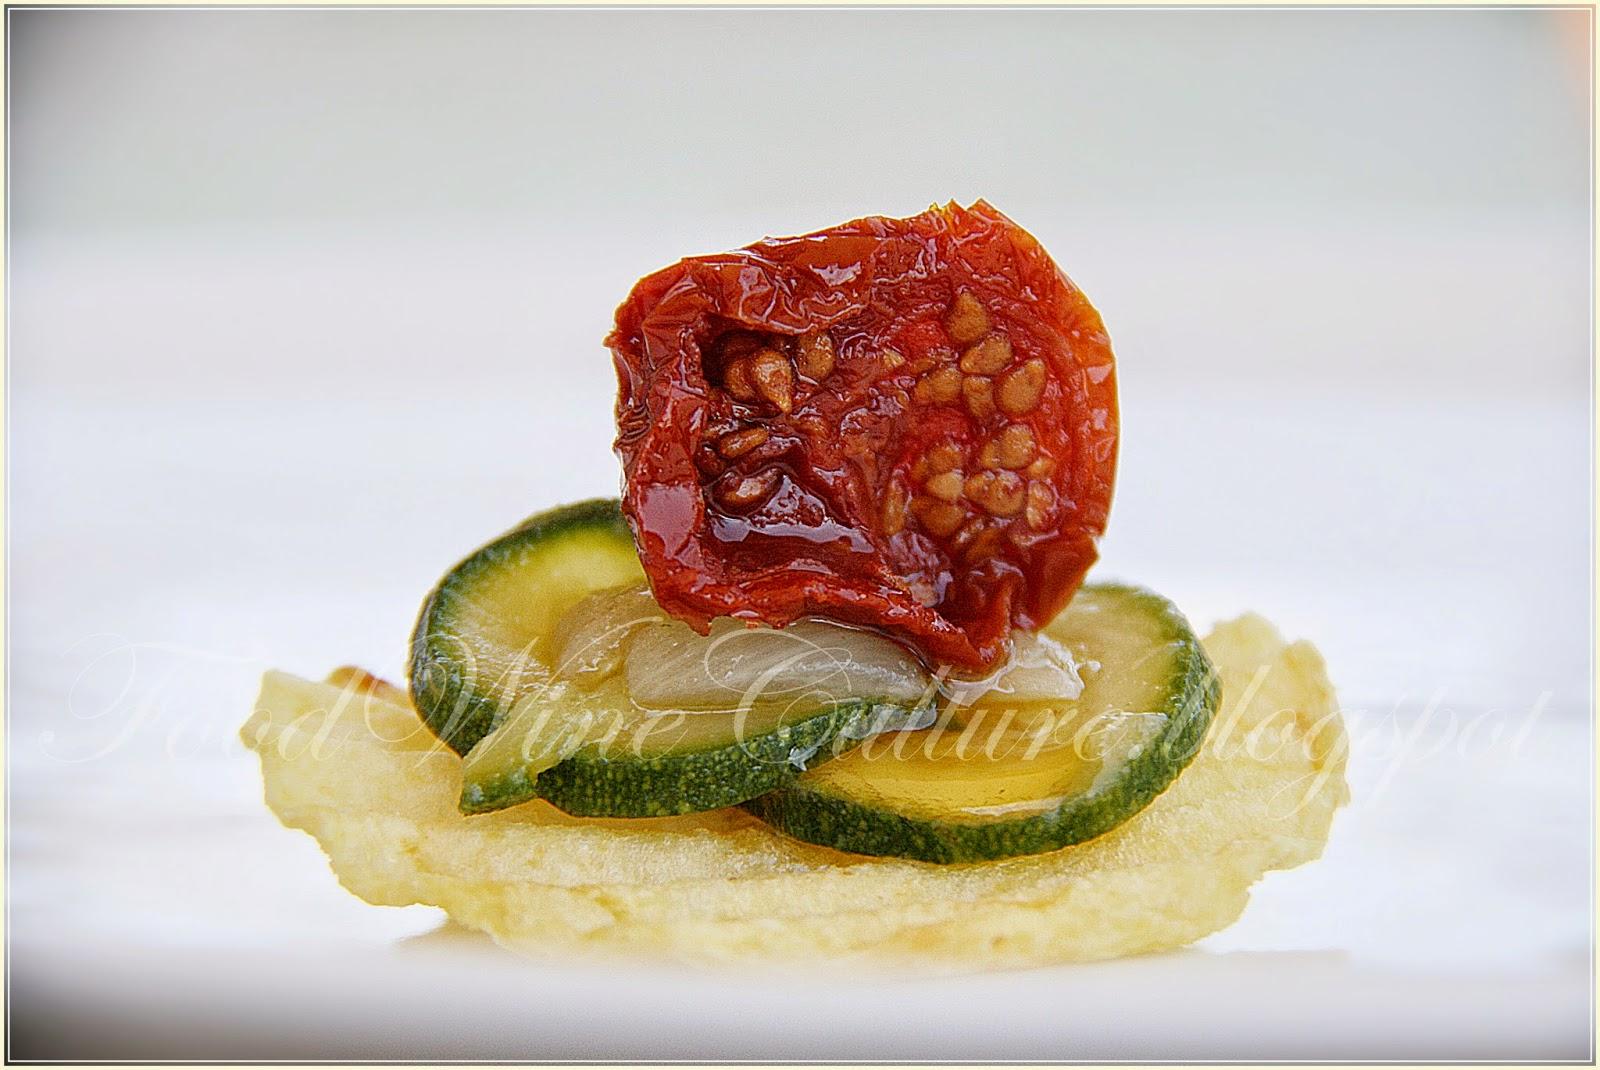 Rustica San Carlo con Zucchine, Cipolla Bianca e Pomodorino Pachino DOP essicato al Balsamico di Modena IGP